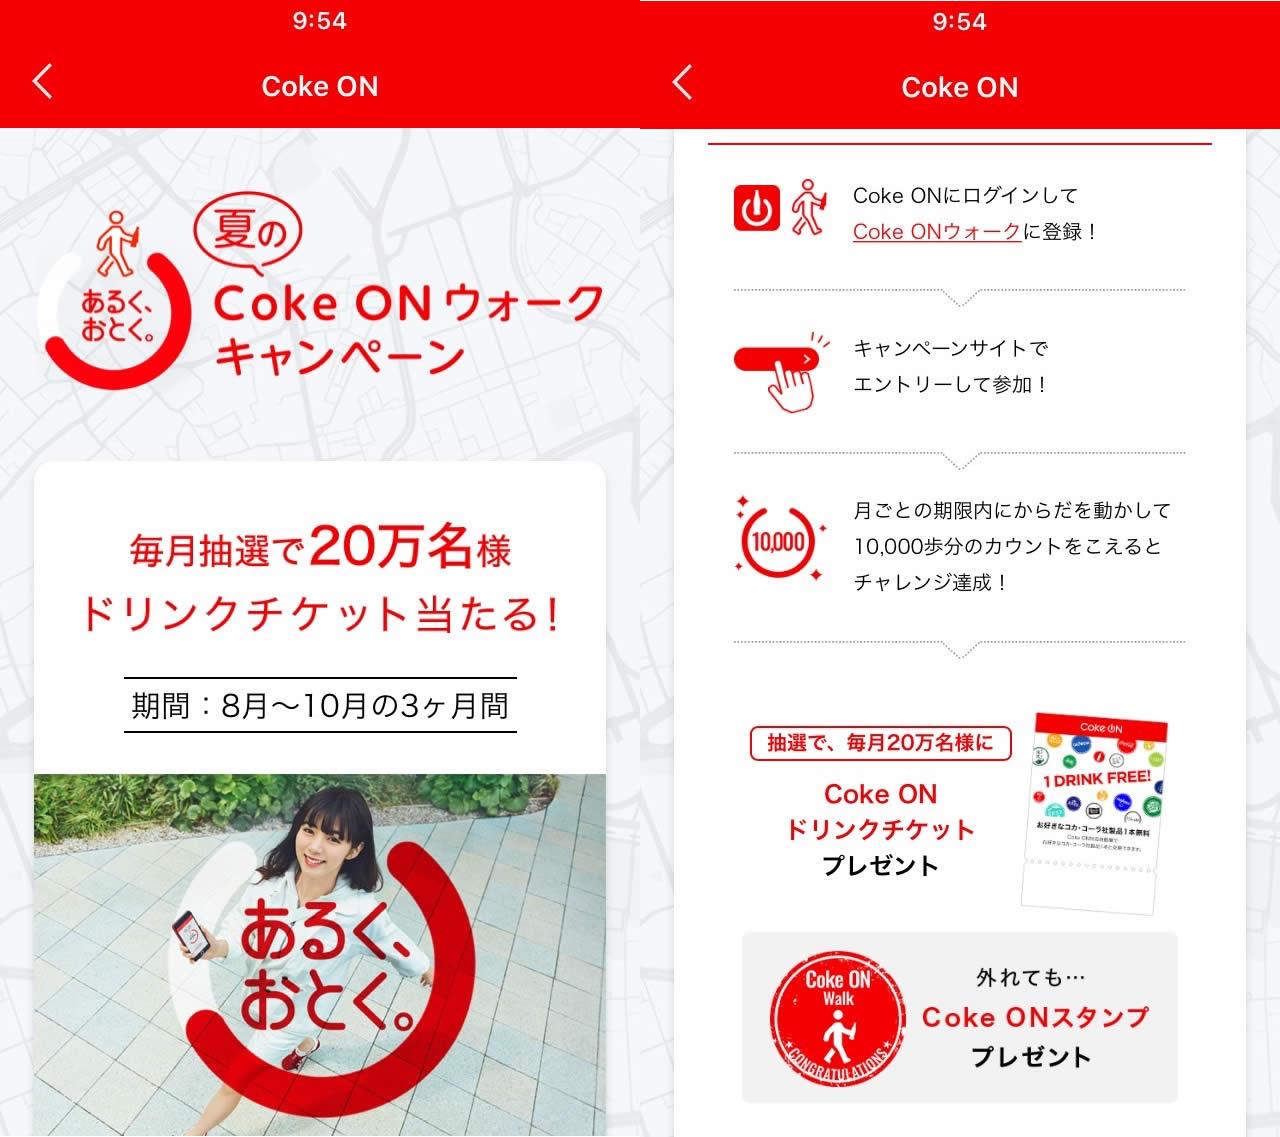 【8/13〜10/31】毎月1万歩で、毎月20万名様にドリンクチケット1枚当たる「Coke Onウォークキャンペーン」開催中です。